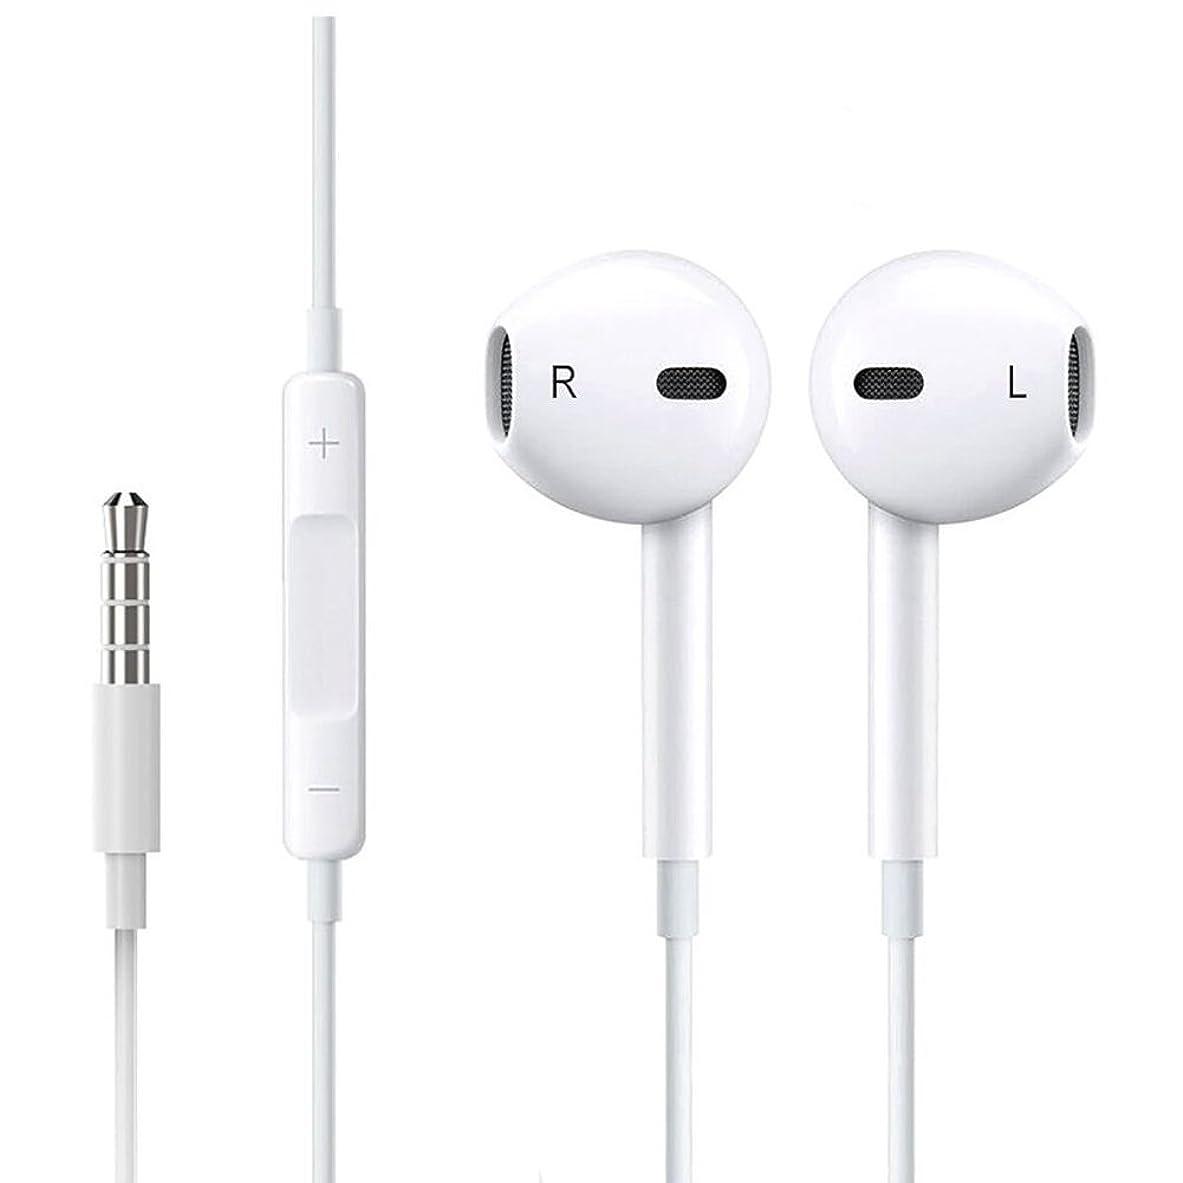 拷問転送エピソードiPhone イヤホン 新品(iPod ? iPhone 用イヤホン) イヤホン リモコン付き マイク付き ステレオイヤフォン ヘッドホン コンパクト 高音質 通話可能